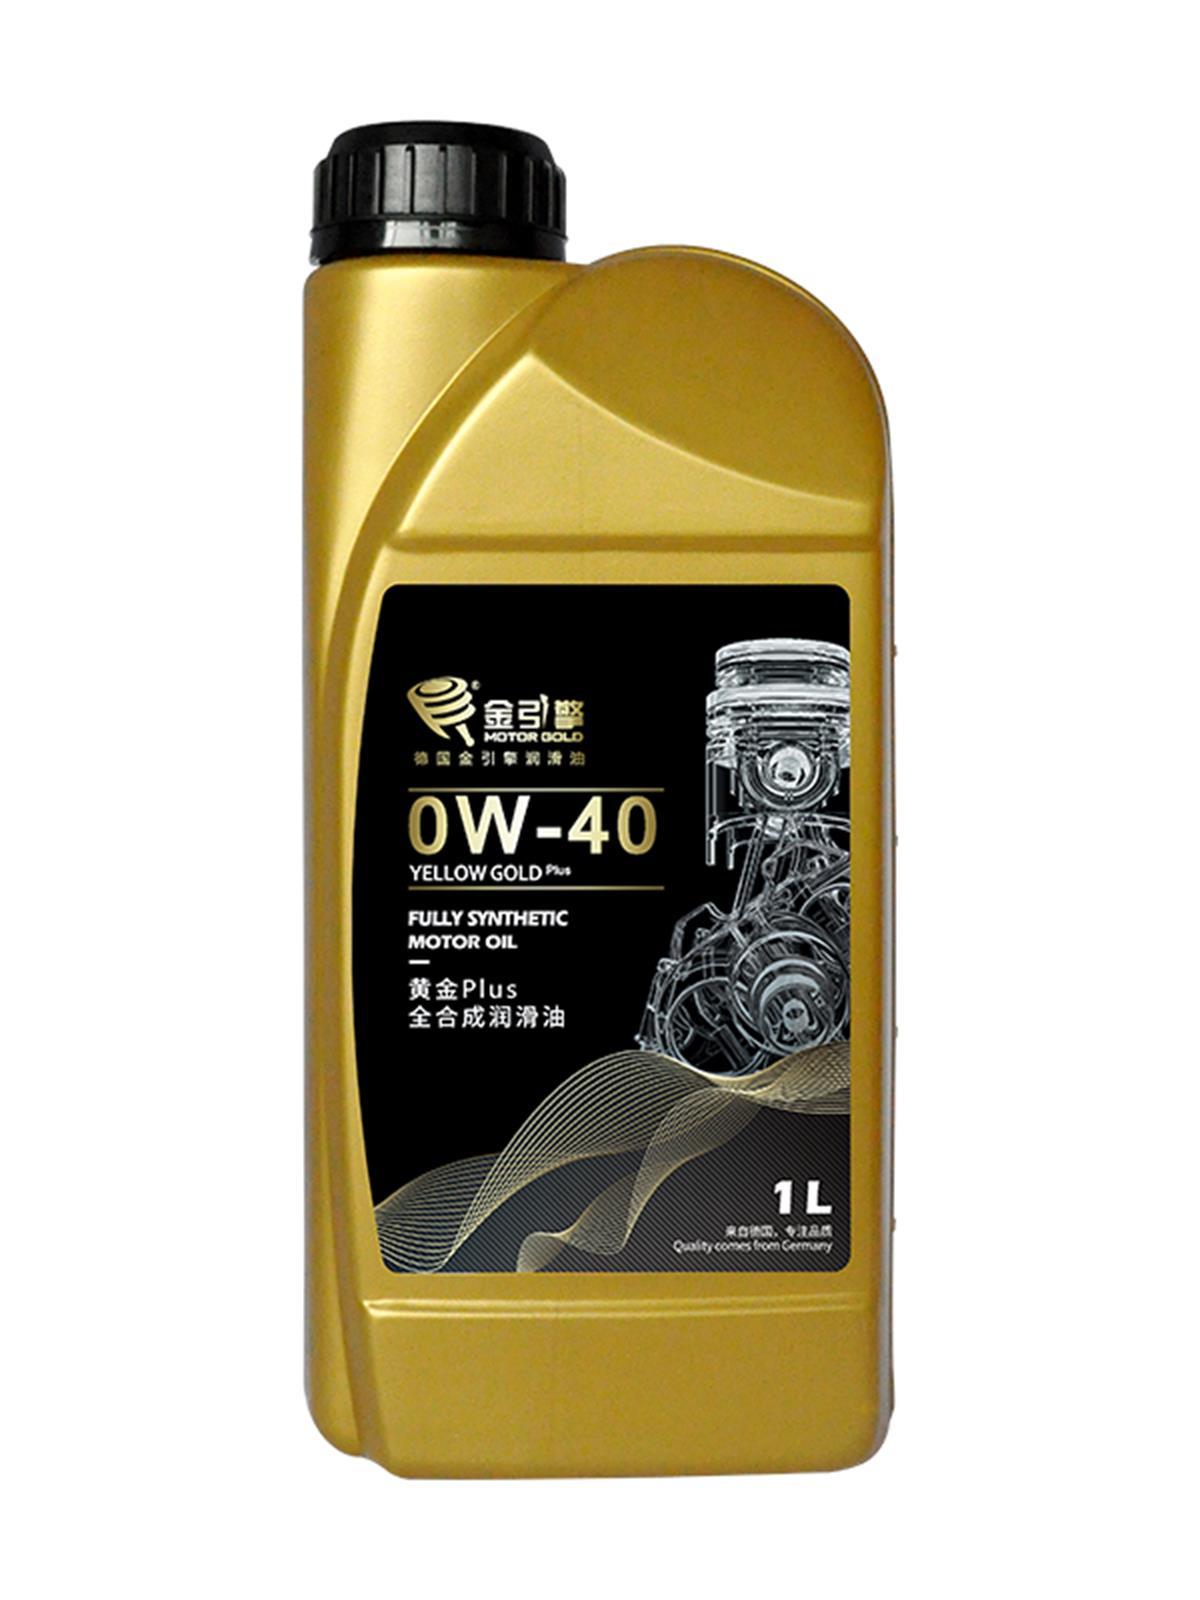 黄金Plus 0W-40 全合成易胜博注册